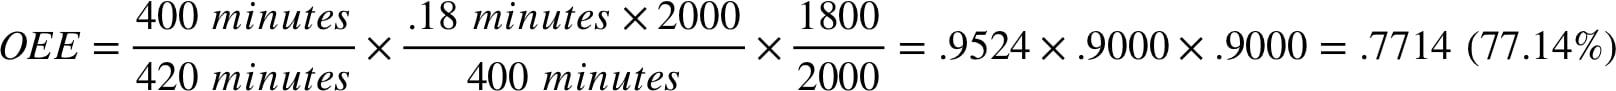 OEE Example 2 Long